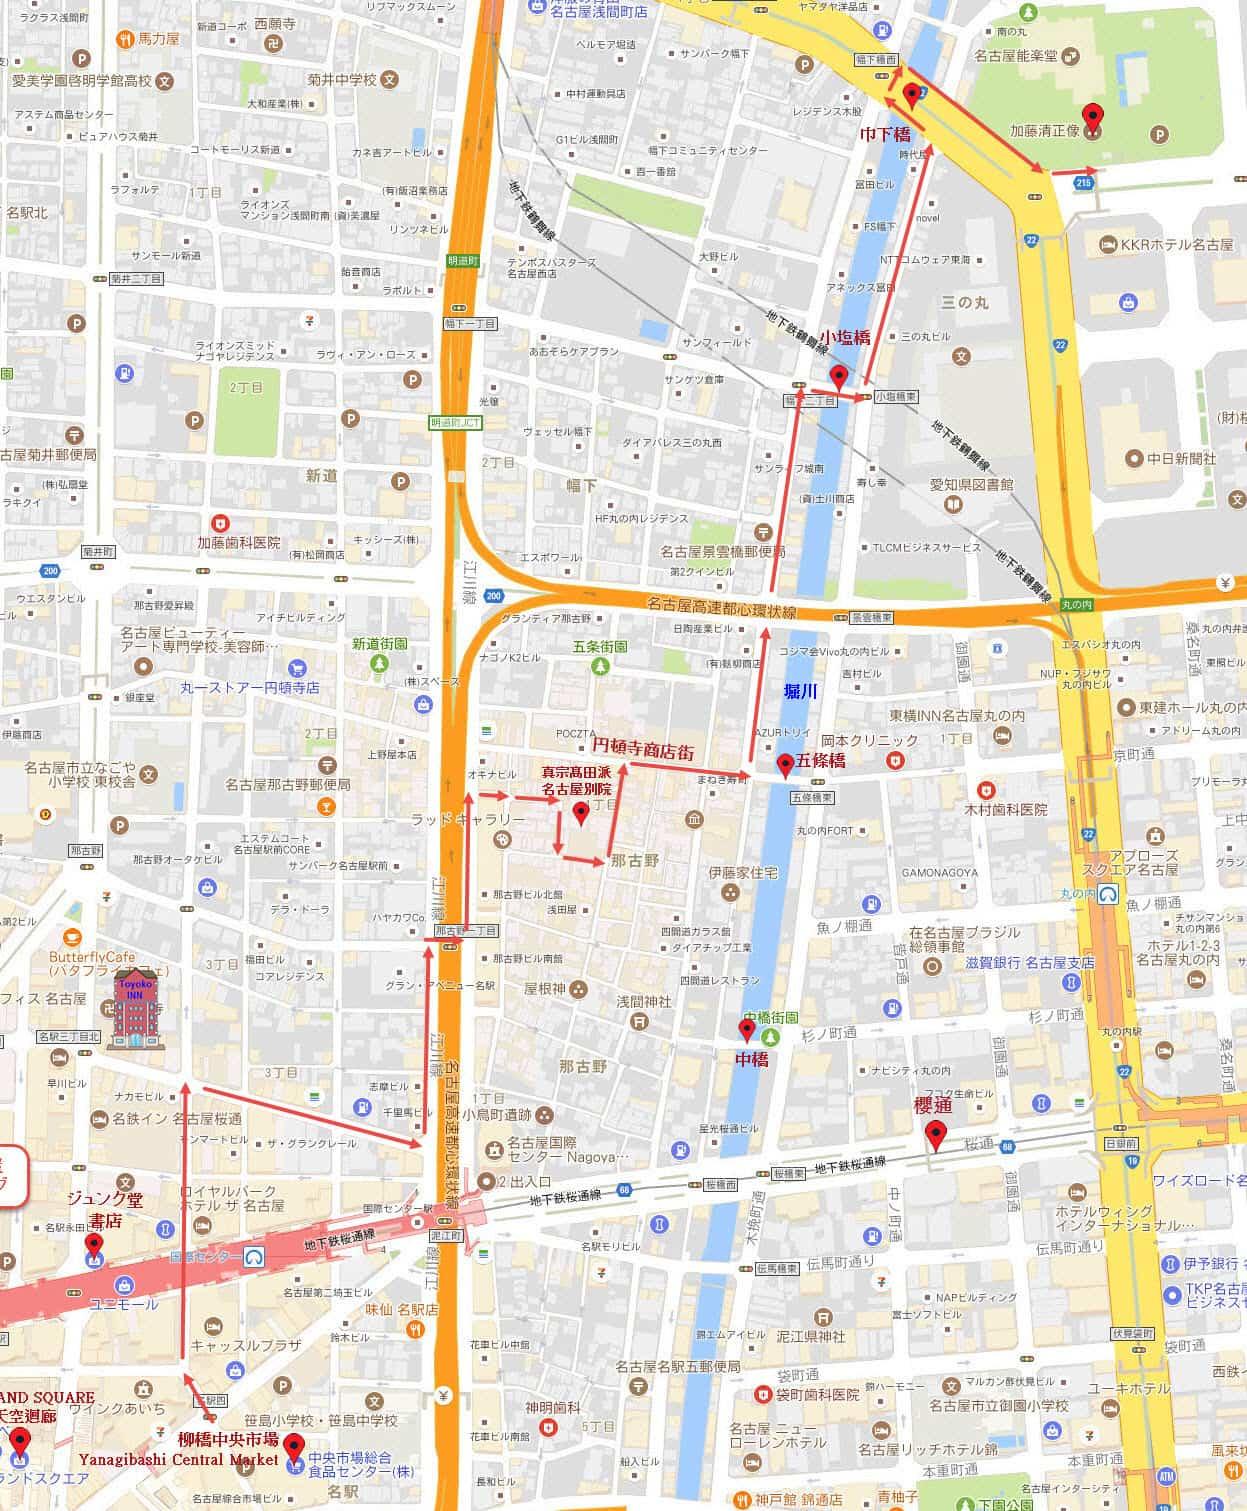 名古屋驛前柳橋中央市場步行往名古屋城地圖